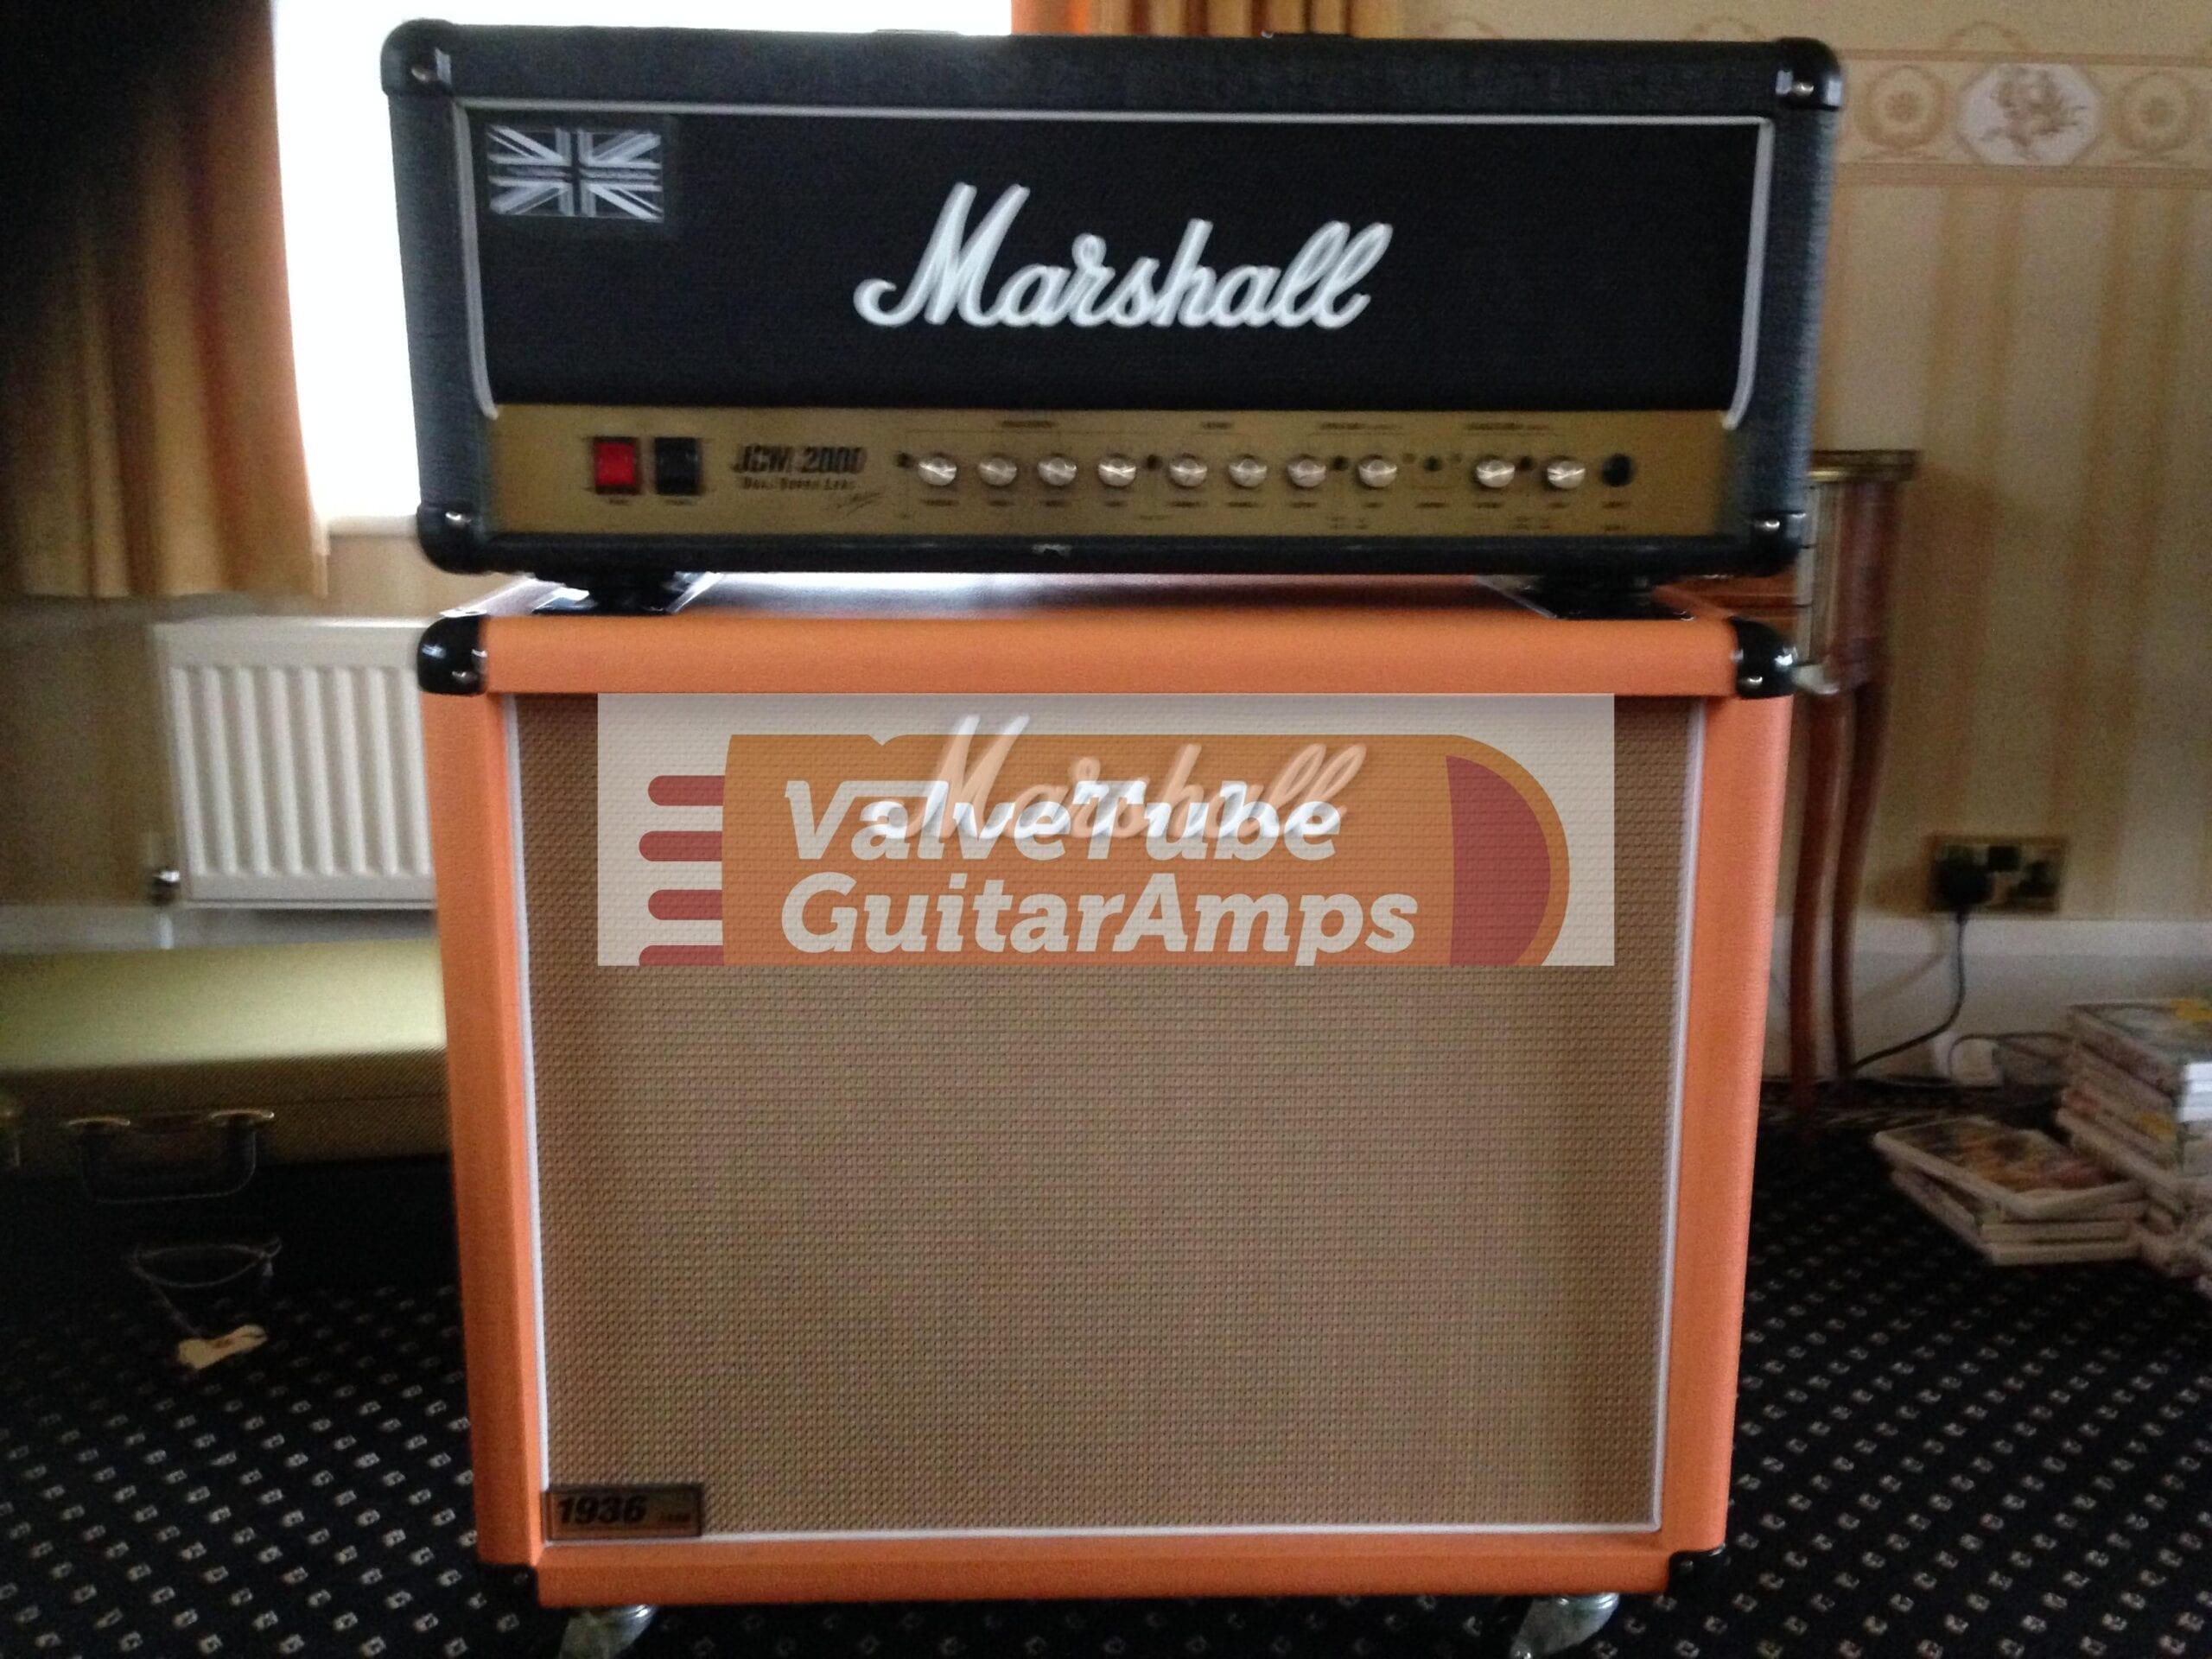 Marshall JCM2000 DSL amp image